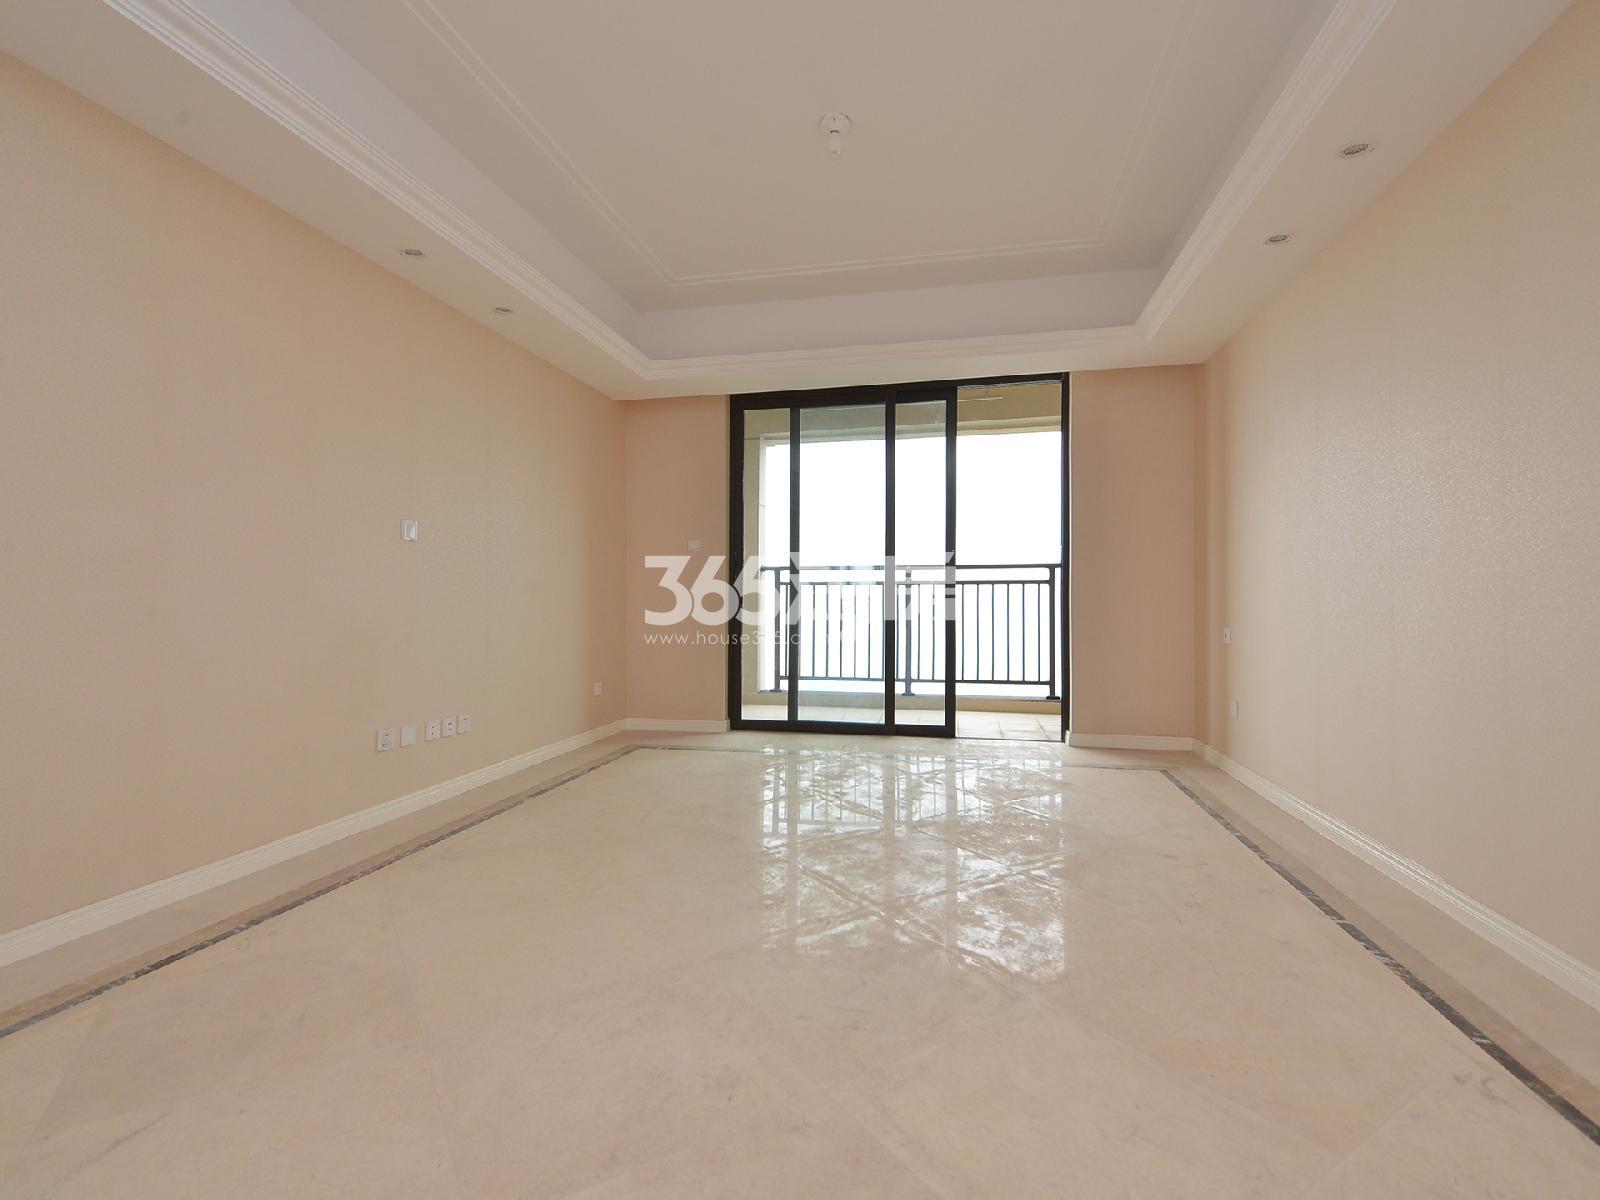 升龙天汇2期B区珑尚3室2厅2卫116平方产权房豪华装